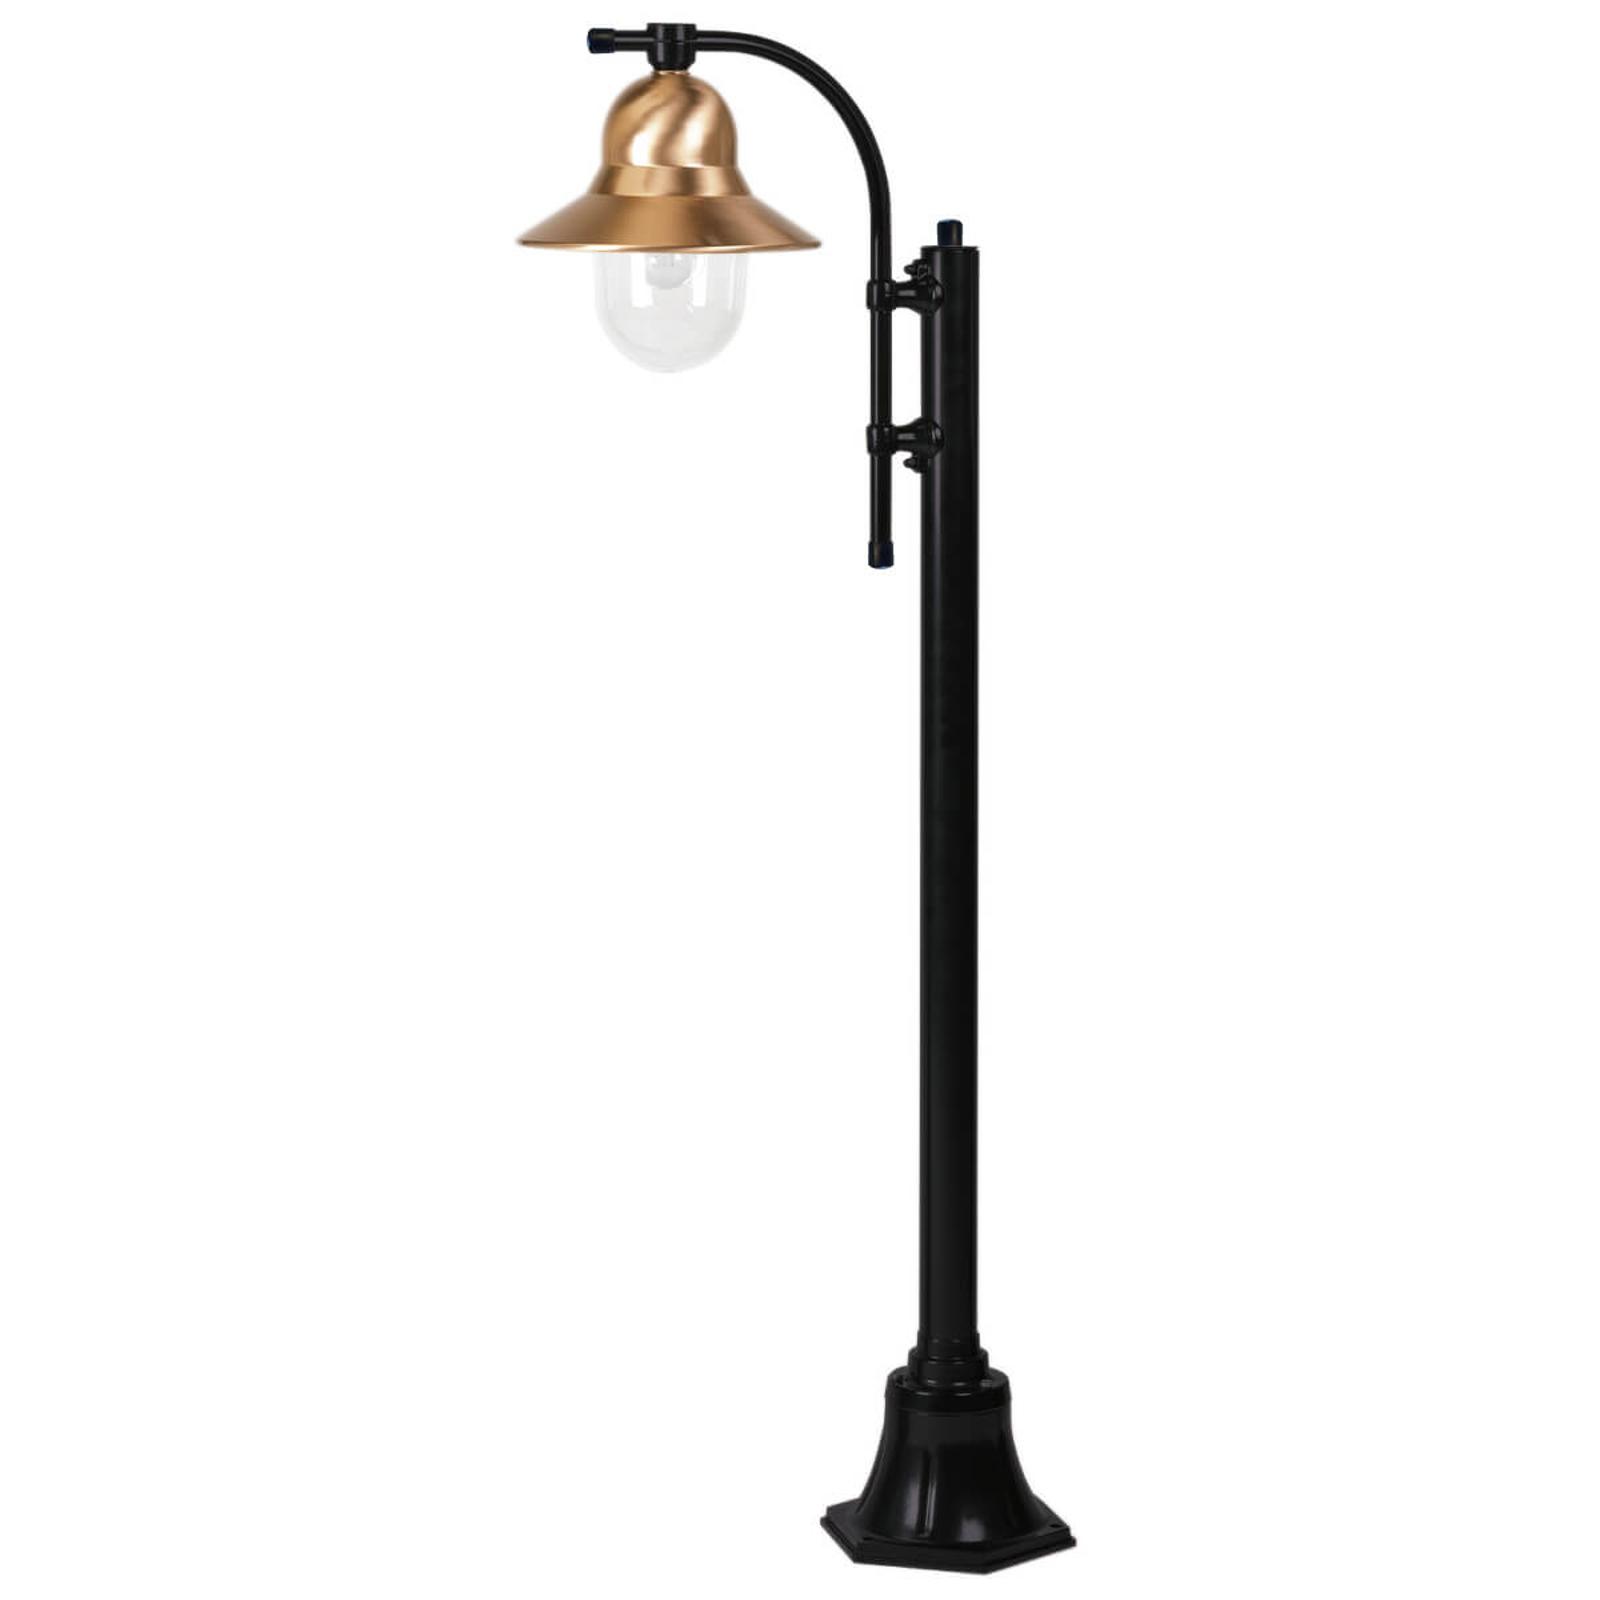 Toscane-lyhtypylväs yksilamppuinen 150 cm, musta